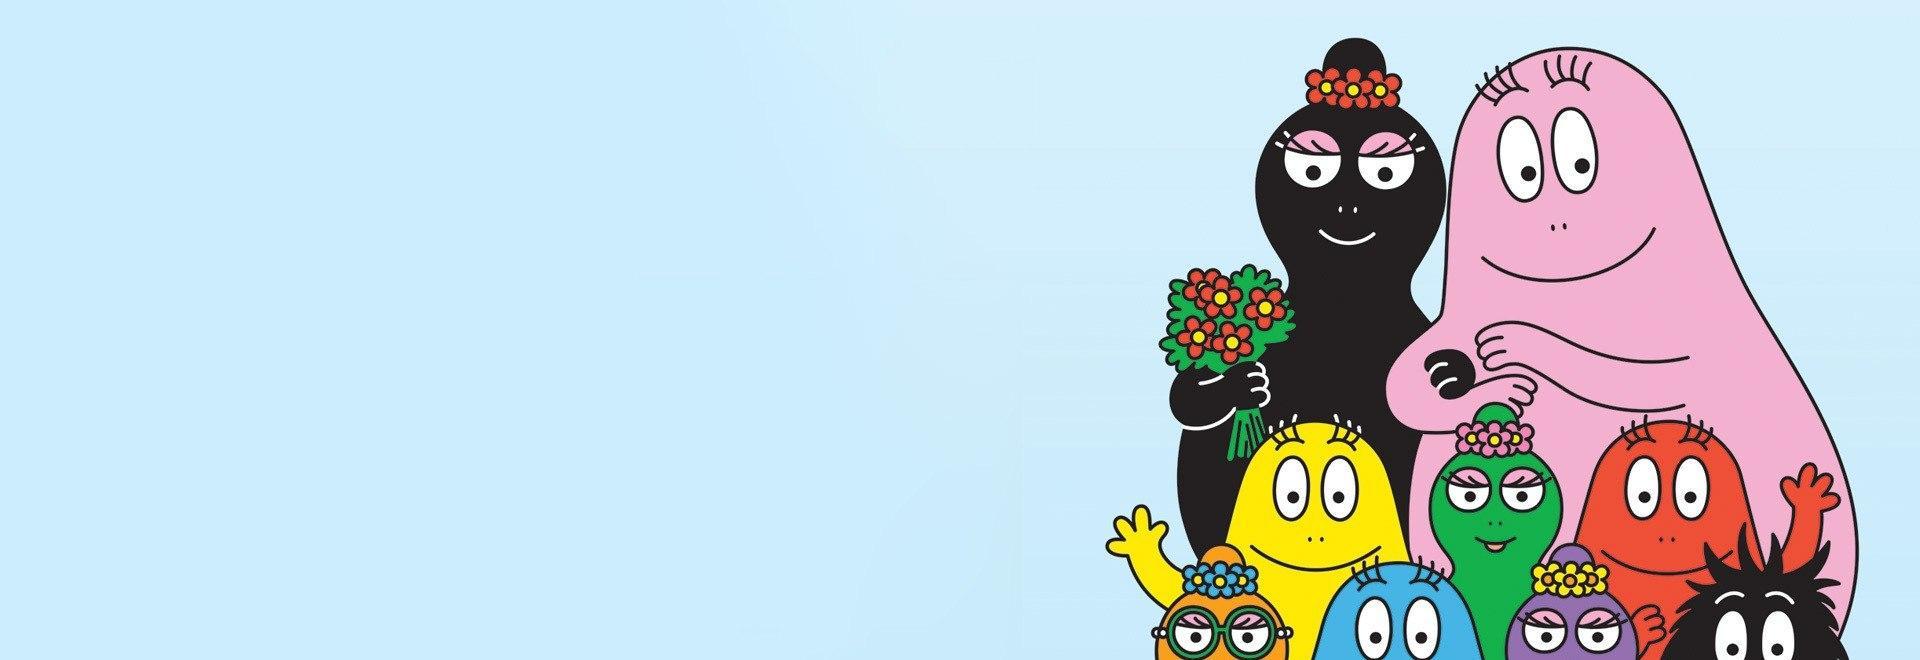 Barbapapà - Una grande famiglia felice!